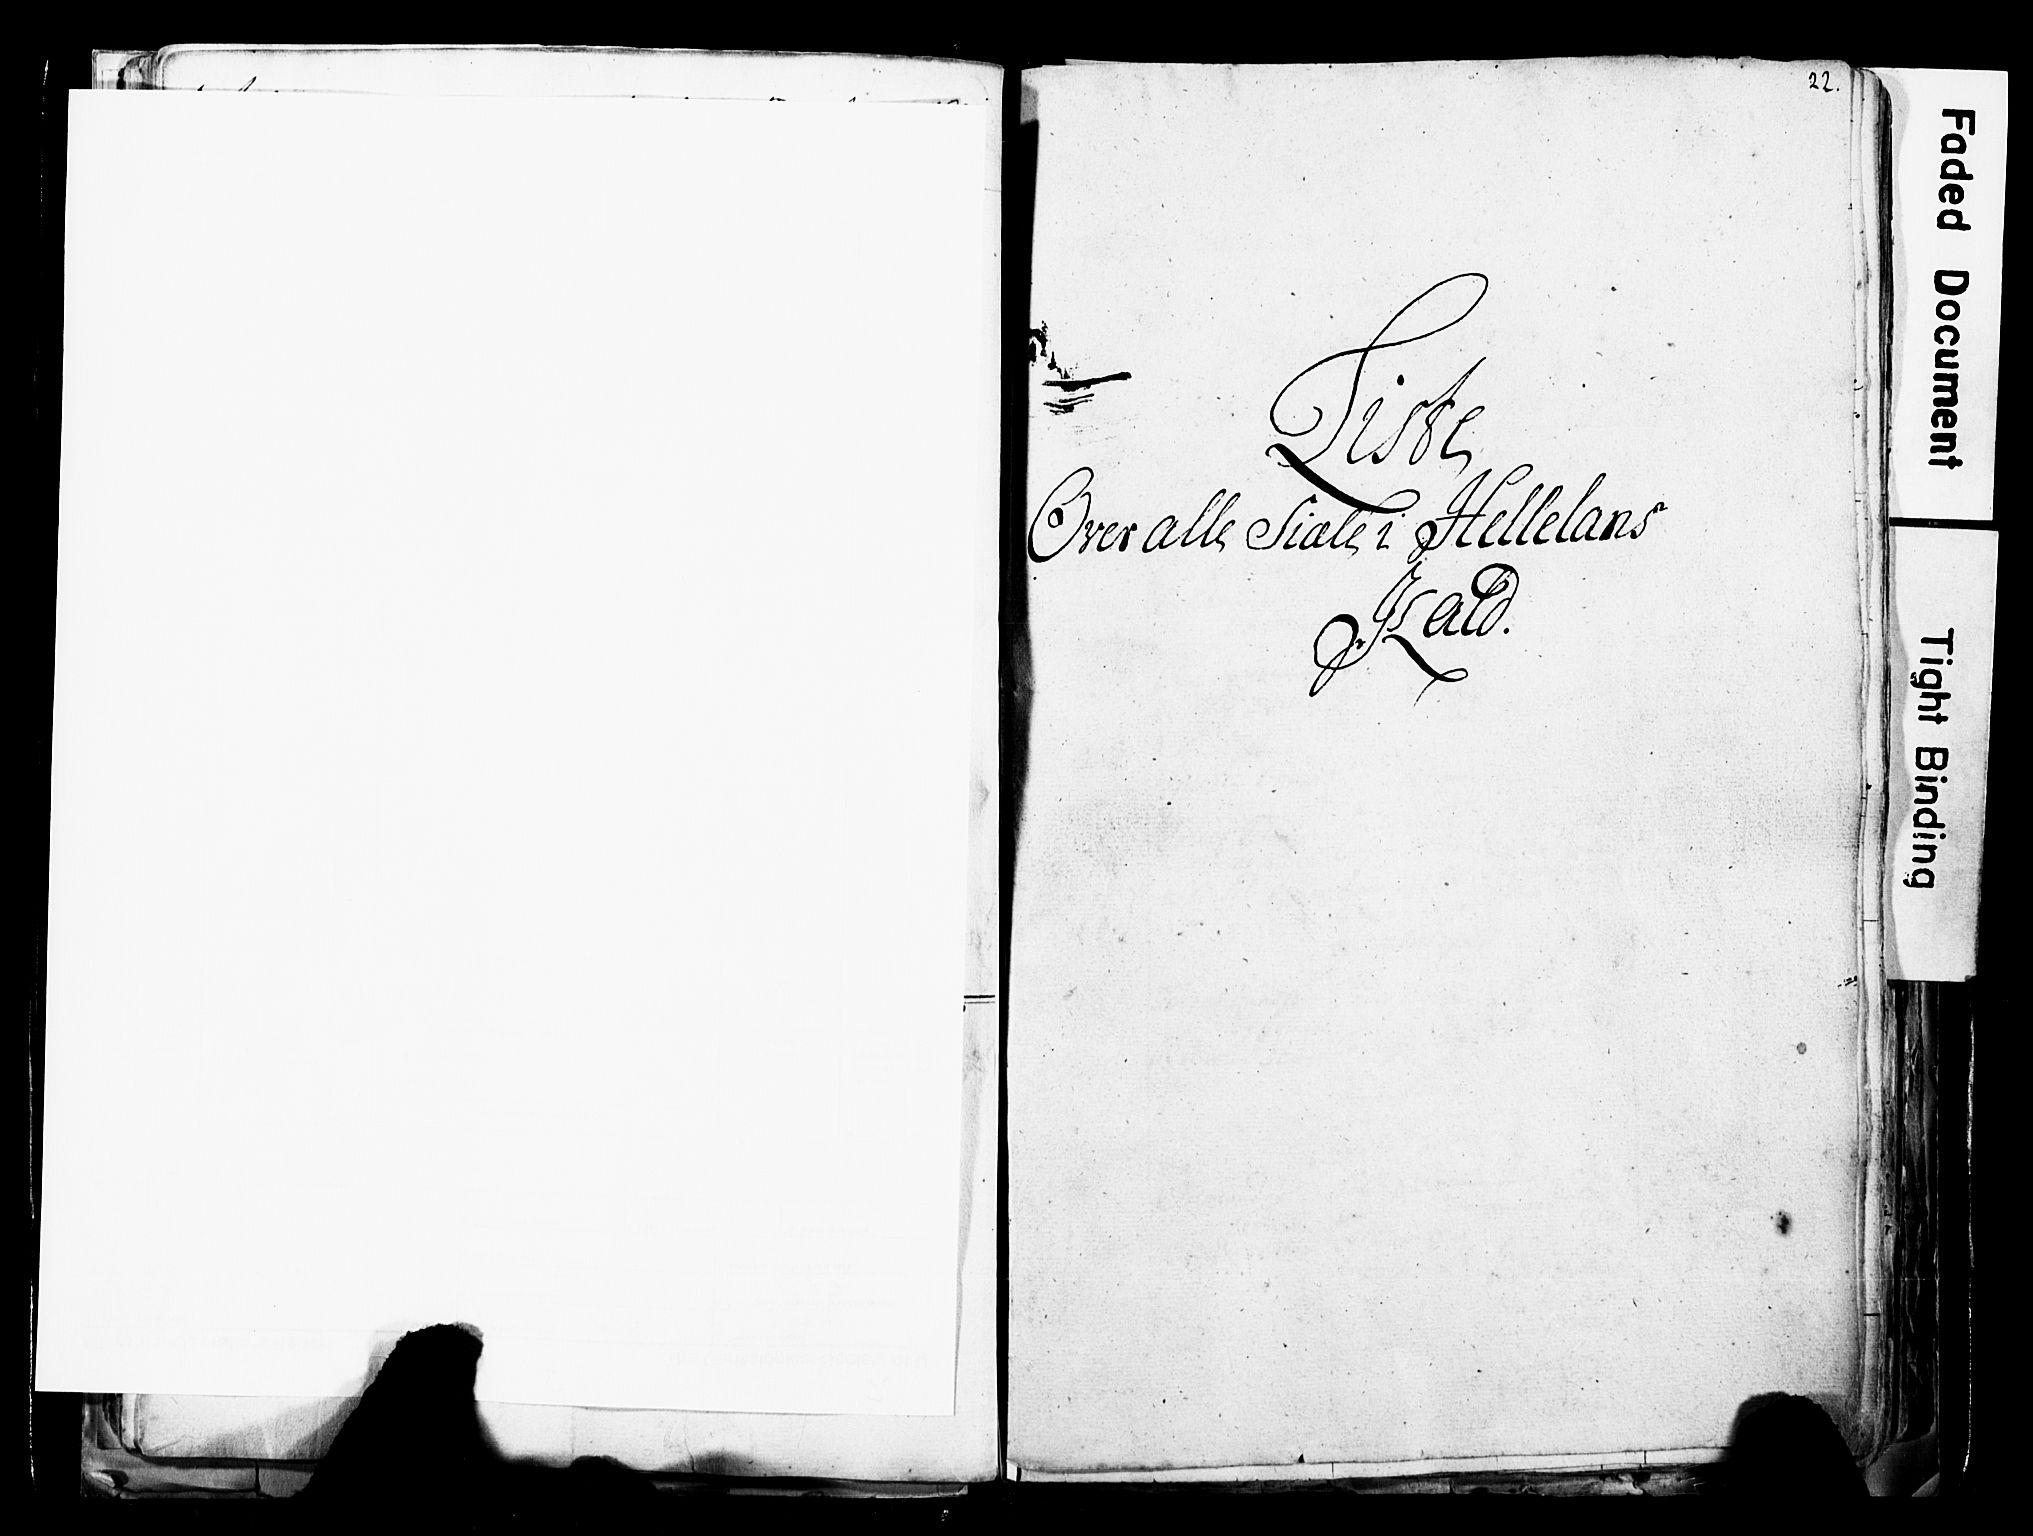 SAST, Fylkesmannen i Rogaland, 3/325/325CA/L0017: SJELEREGISTER JÆREN OG DALANE PRESTEGJELD, 1758, s. 22